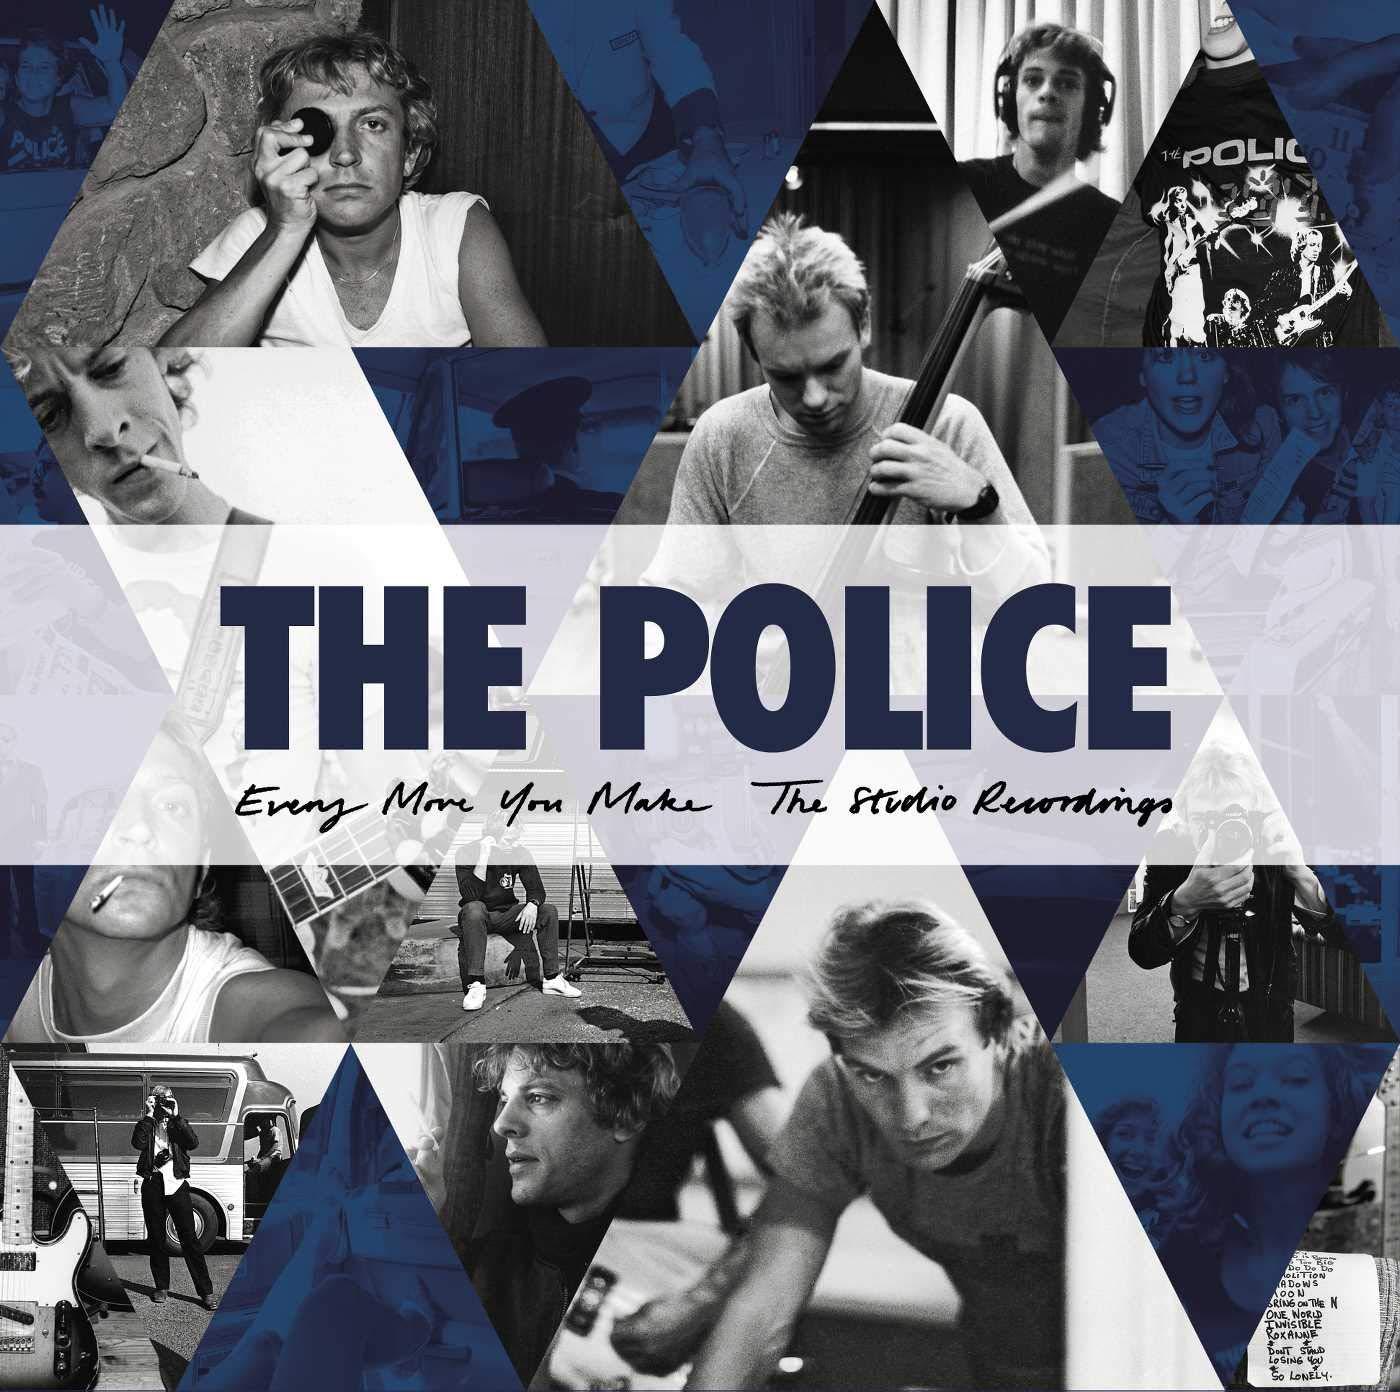 """The Police """"Every Move You Make: The Studio Recordings"""" CD Box Set Pre-Order £17.87 (Prime) / £20.85 (non Prime) at Amazon"""